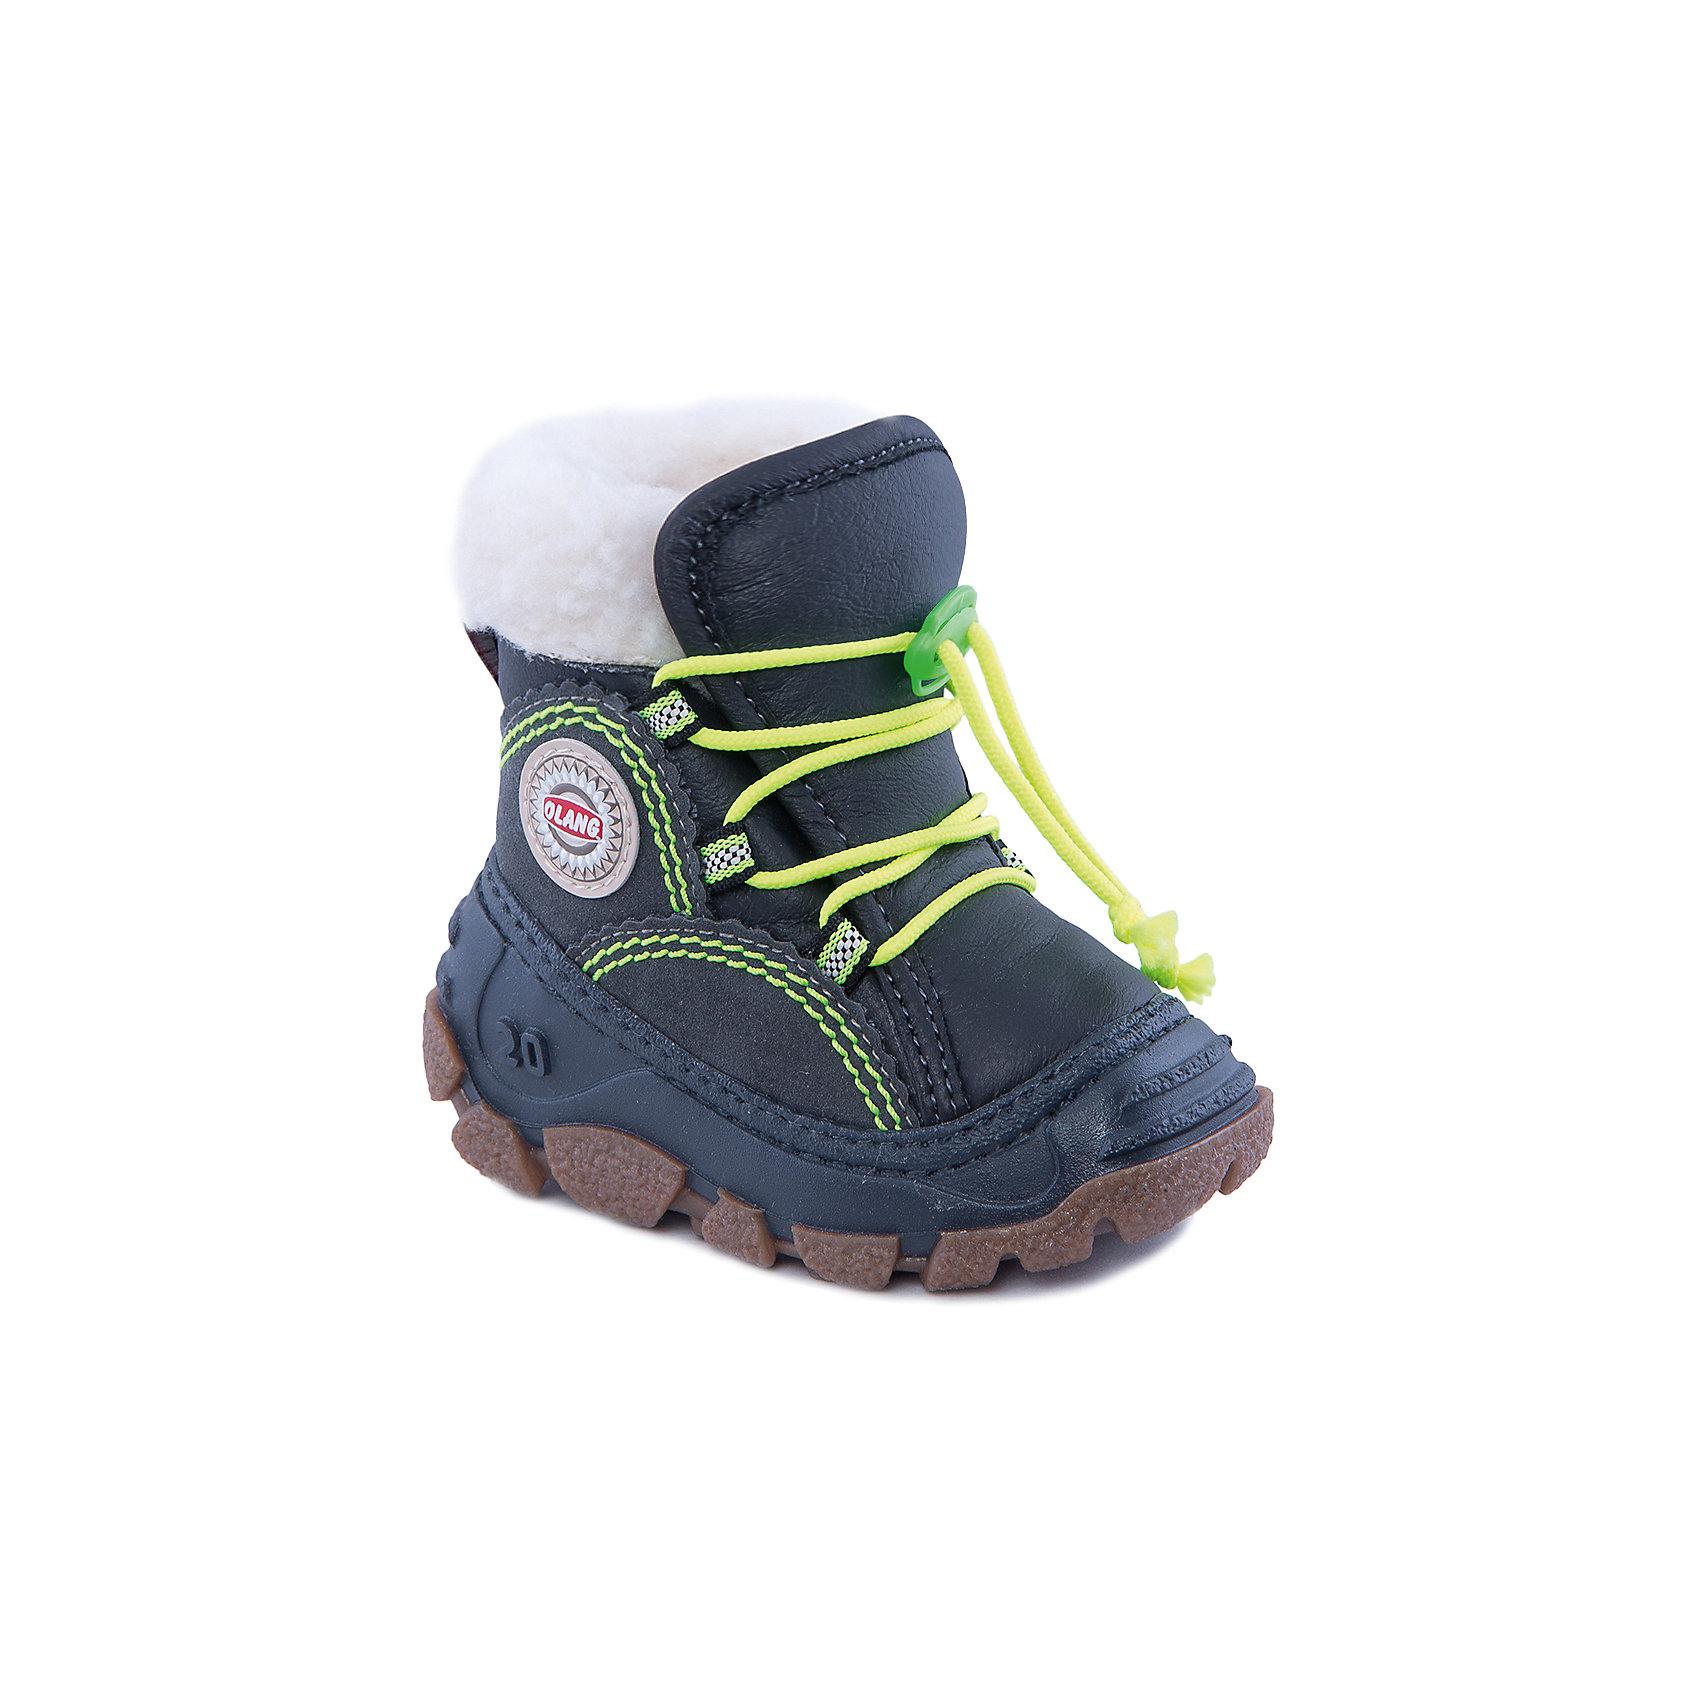 Сапоги для мальчика OlangТеплые ботинки на шнуровке выручат в самую холодную погоду! Внутри комфорт ребенку обеспечит подкладка с натуральной шерстью. А подошва из полимерного материала устойчива к низким температурам. Яркие шнурки дополняют стильный образ!<br>Состав: <br>Материал верха:50% искусственная кожа, 50% эко-замша<br>Материал подклада: искусственный мех<br><br>Ширина мм: 257<br>Глубина мм: 180<br>Высота мм: 130<br>Вес г: 420<br>Цвет: серый<br>Возраст от месяцев: 6<br>Возраст до месяцев: 9<br>Пол: Мужской<br>Возраст: Детский<br>Размер: 19/20,27/28,25/26,21/22,23/24<br>SKU: 4279336